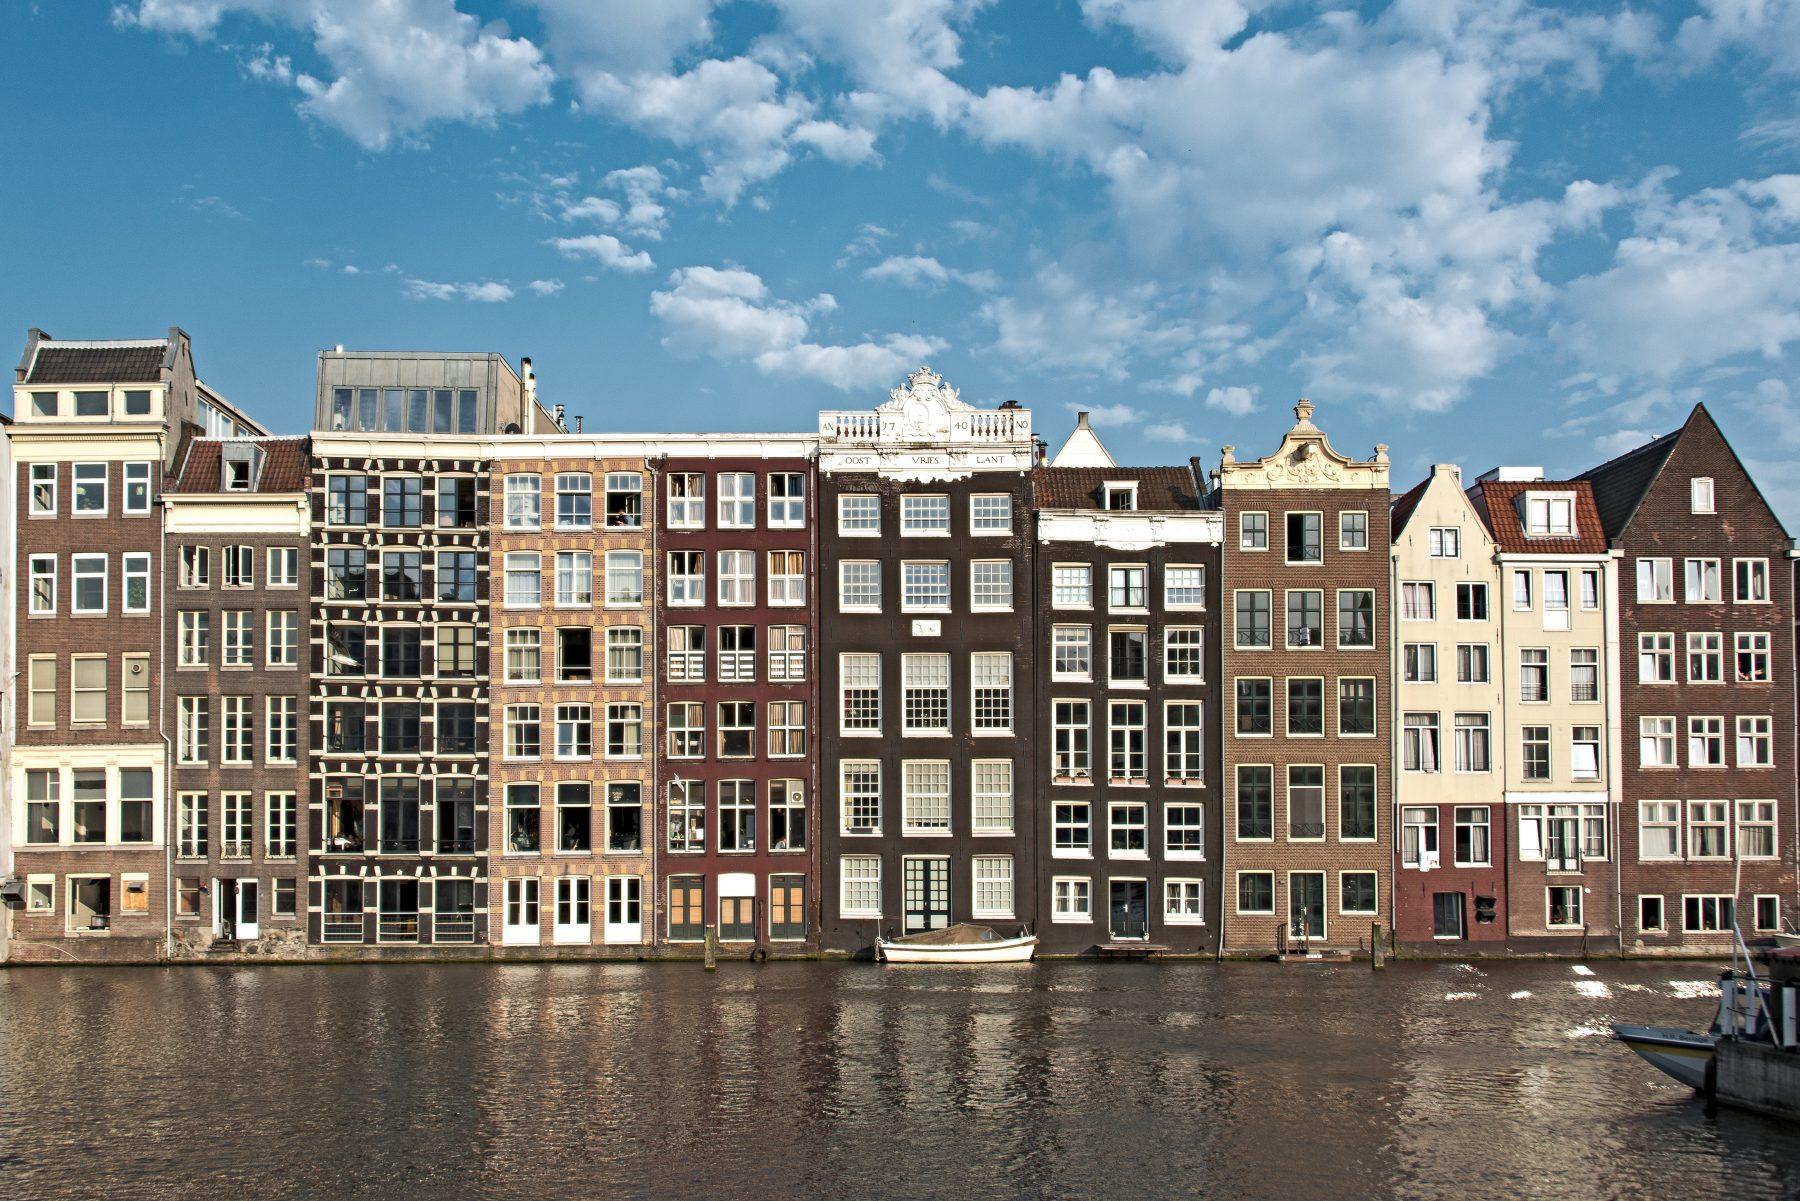 De hoofdprijs voor deze kamer in Amsterdam: 878 euro voor zes vierkante meter